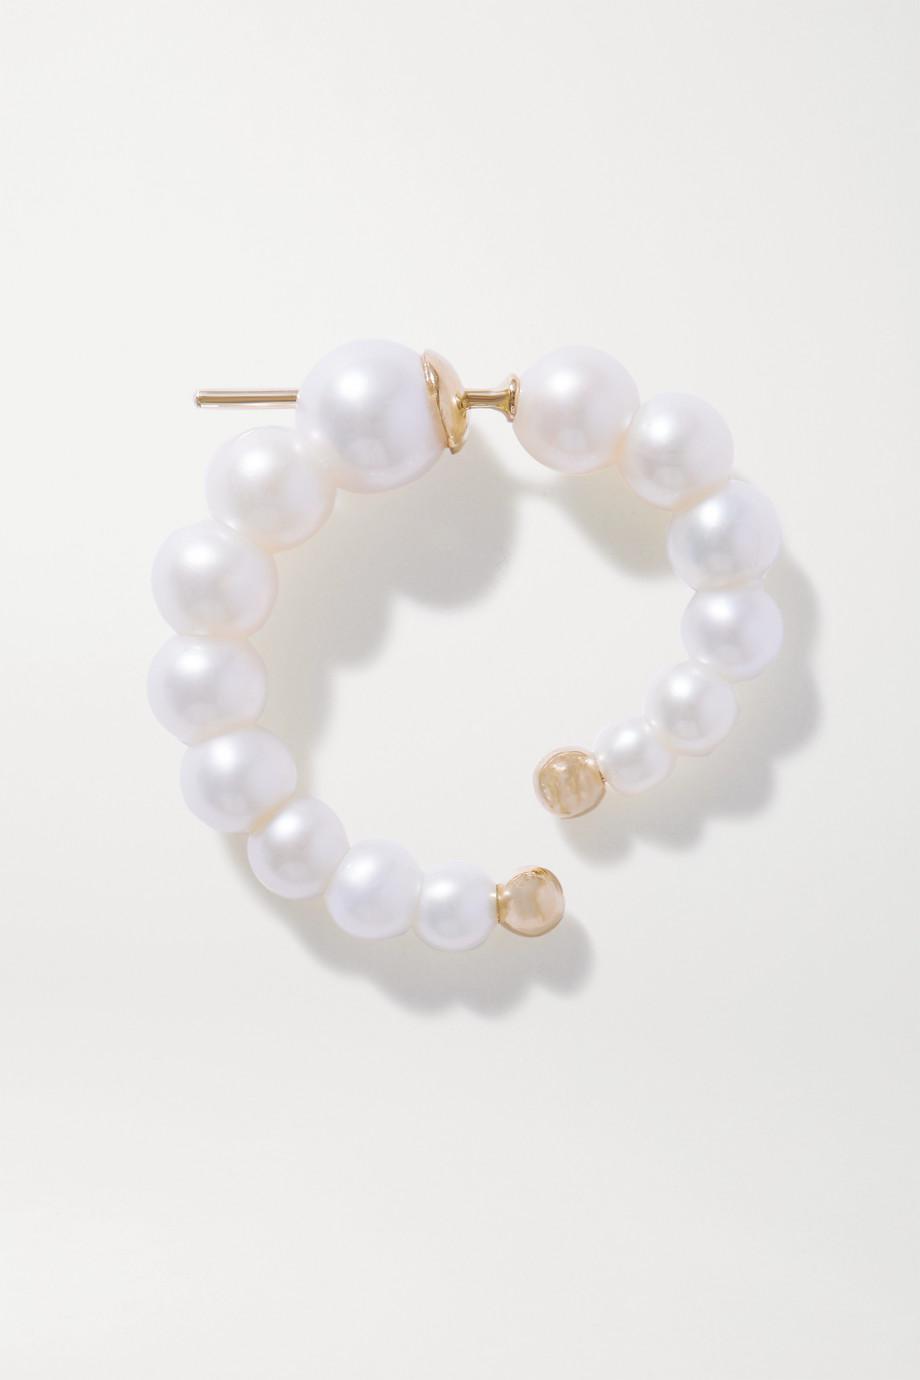 Anissa Kermiche Pearl Swirl Ohrring mit Details aus 14 Karat Gold und Perlen